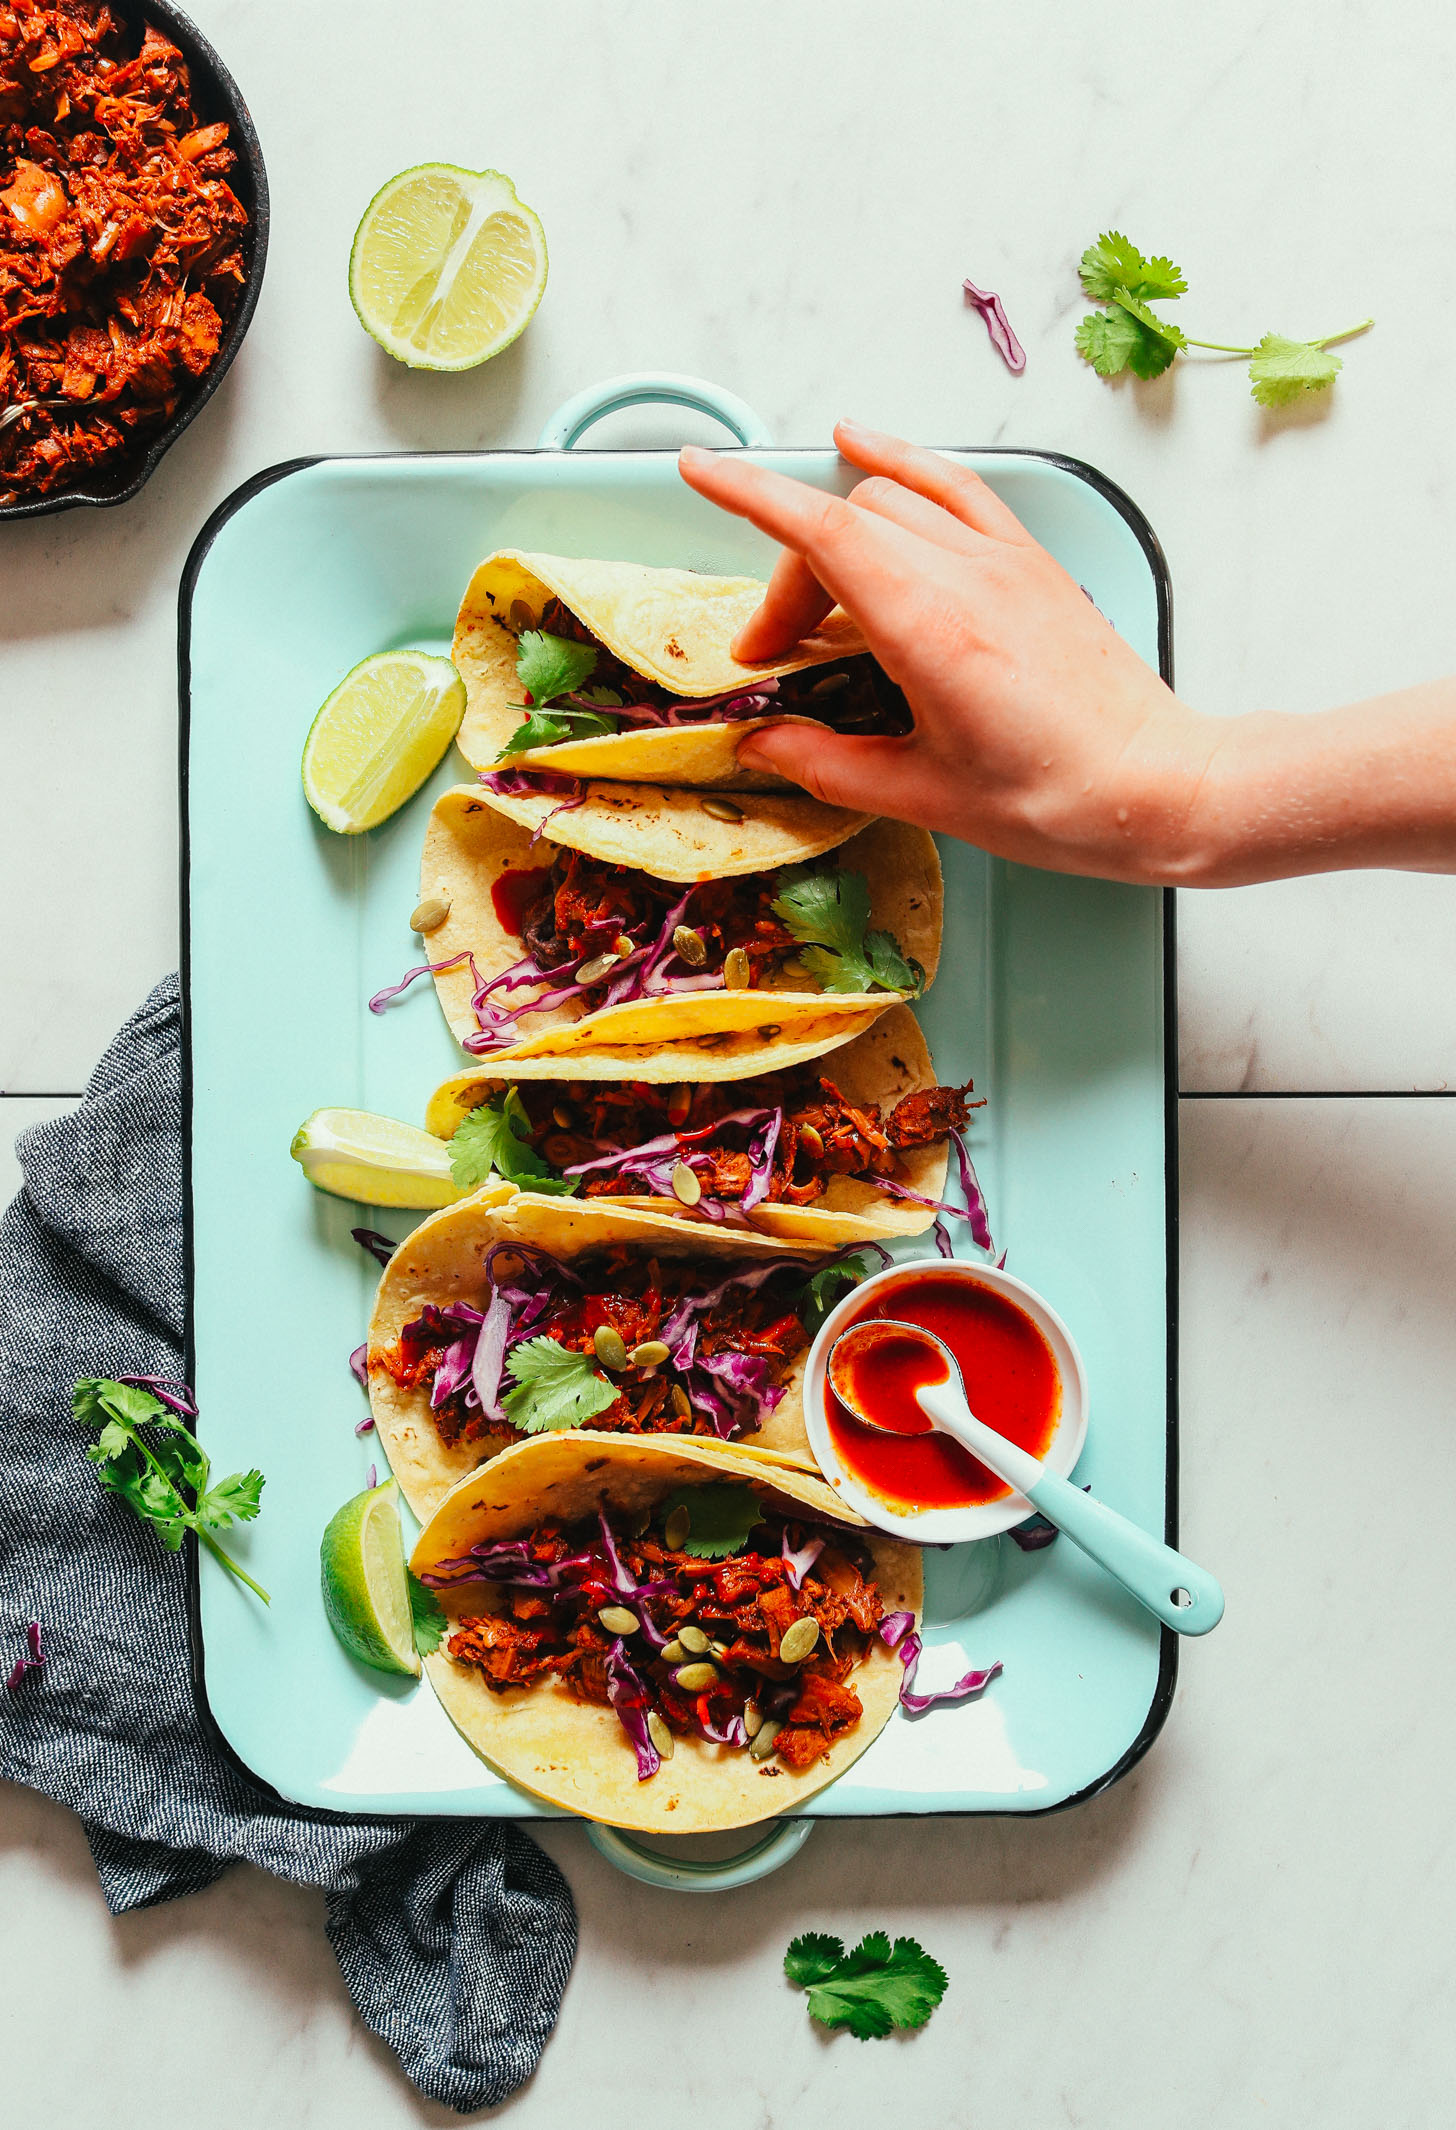 Grabbing a gluten-free vegan Jackfruit Taco from a platter